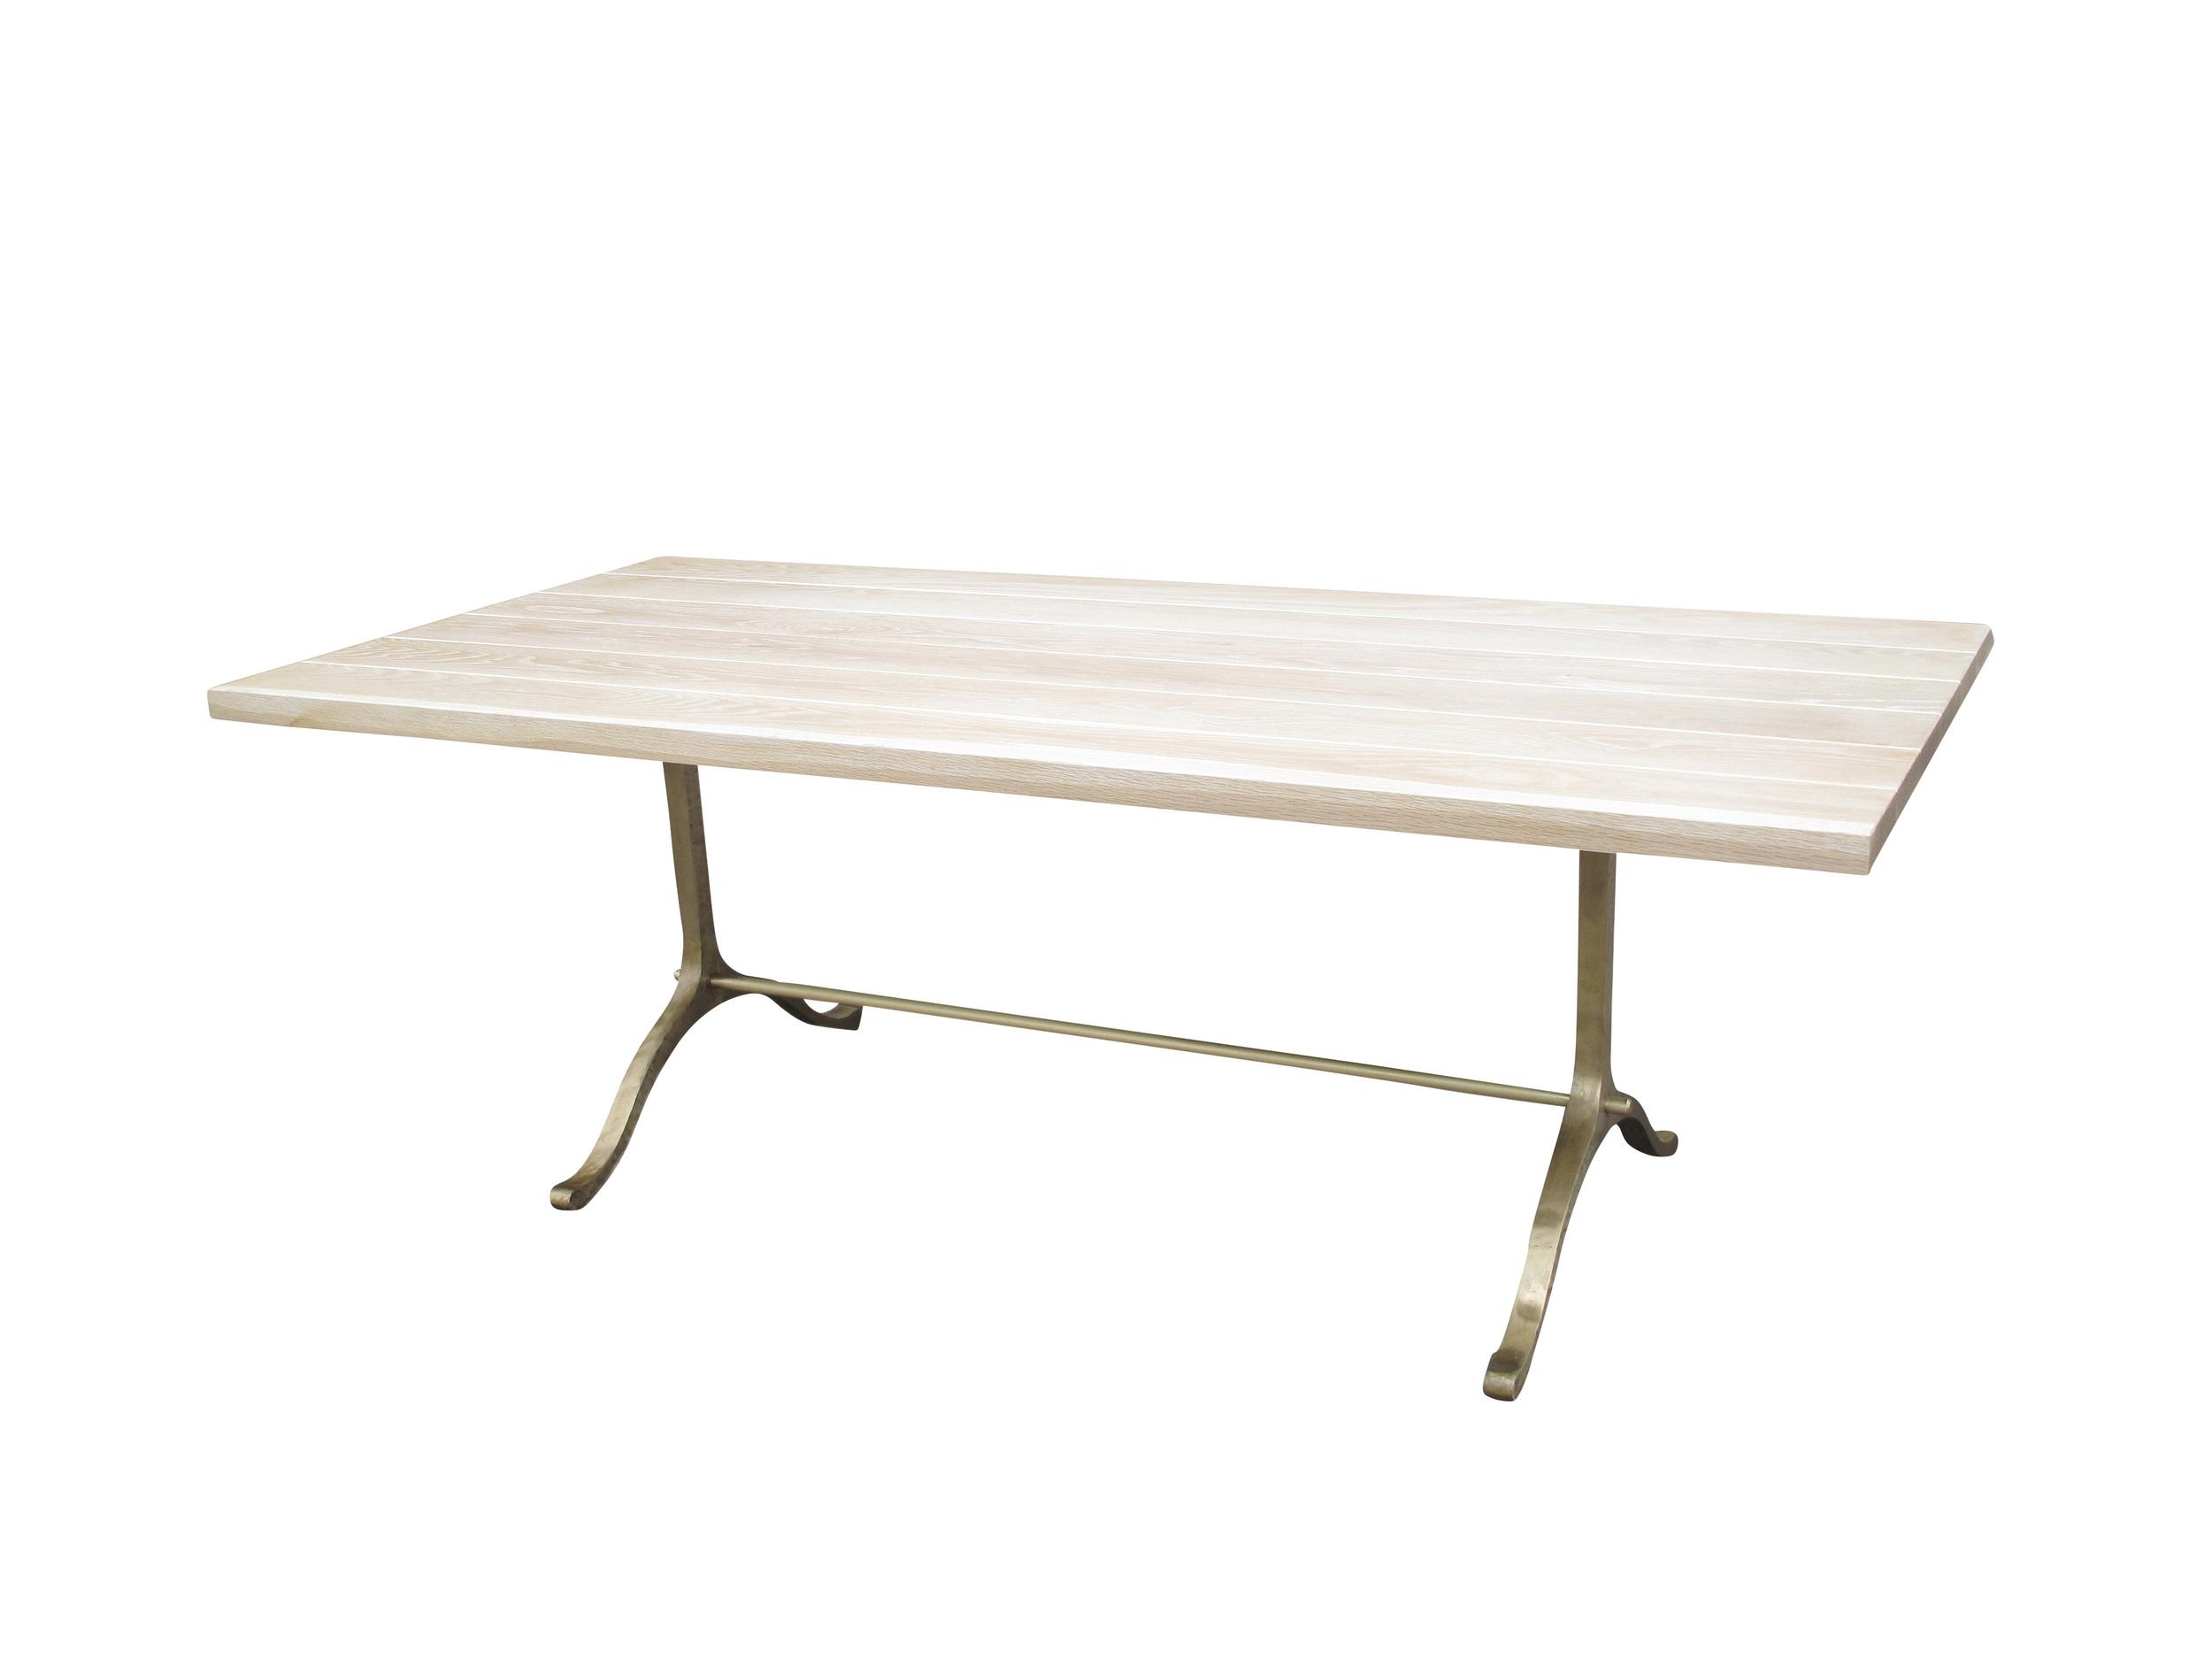 INGRAHAM Table